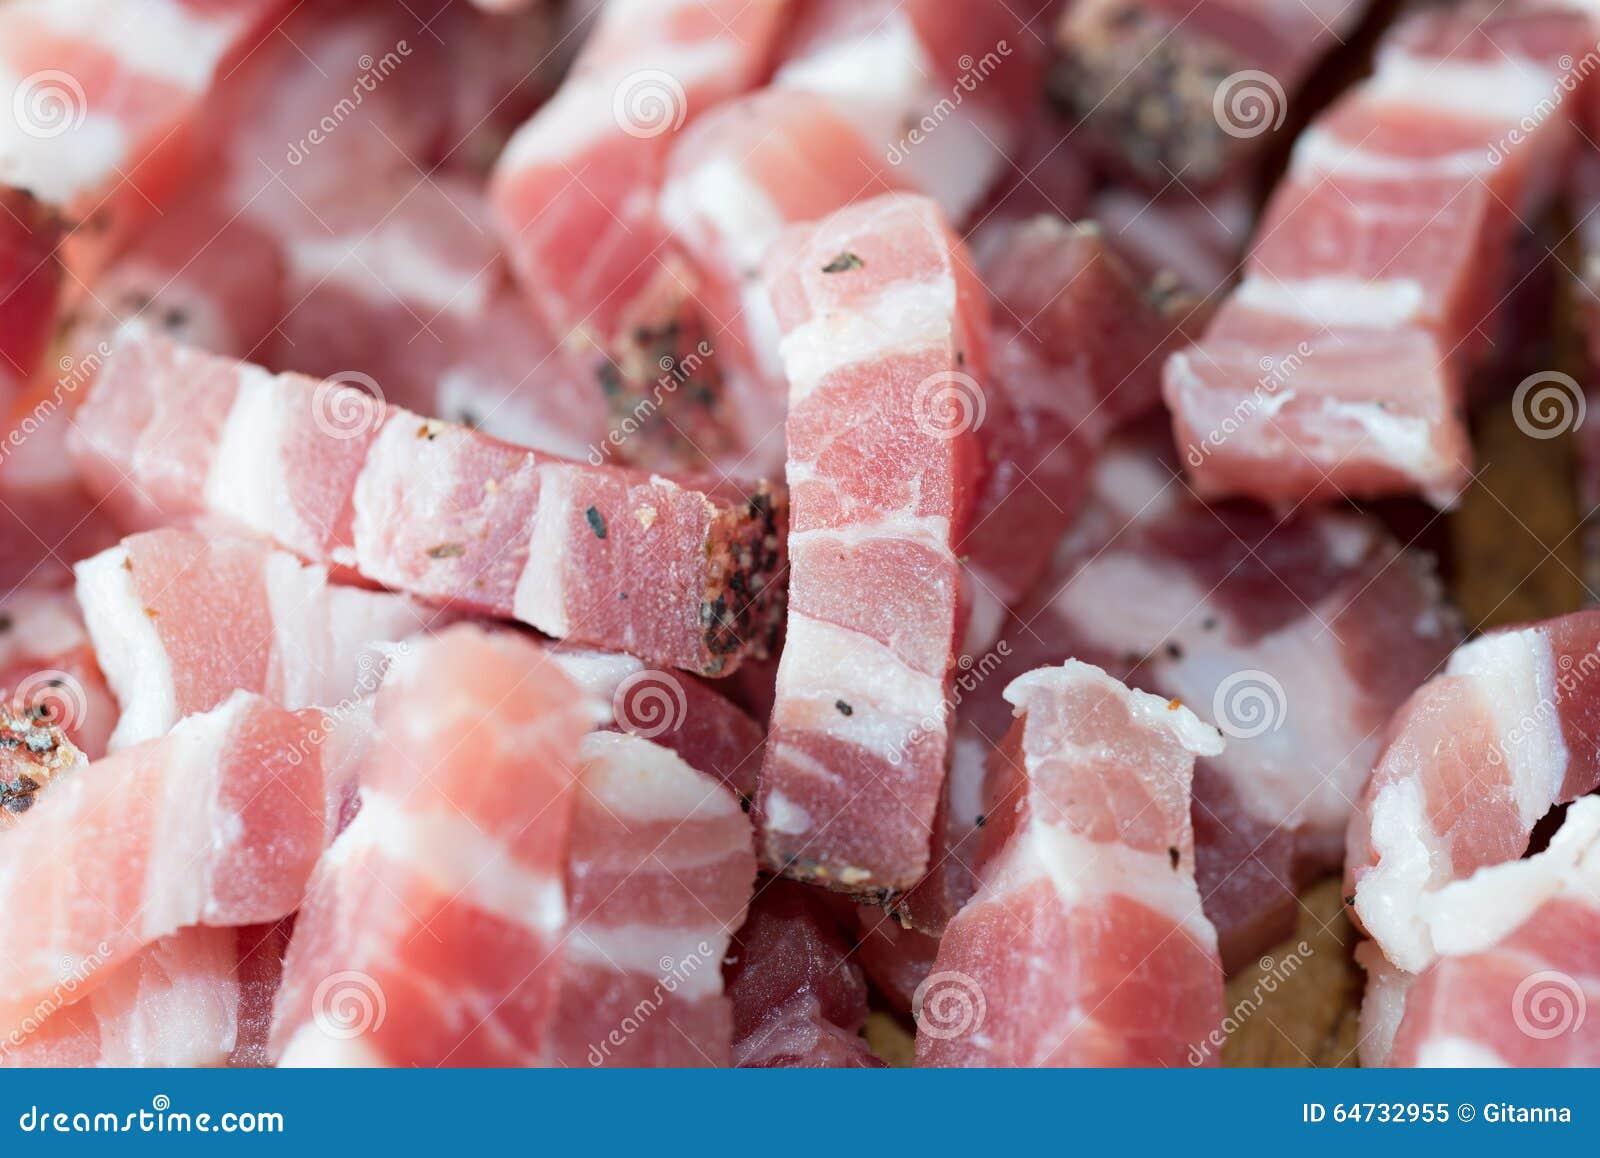 Dettaglio di bacon crudo